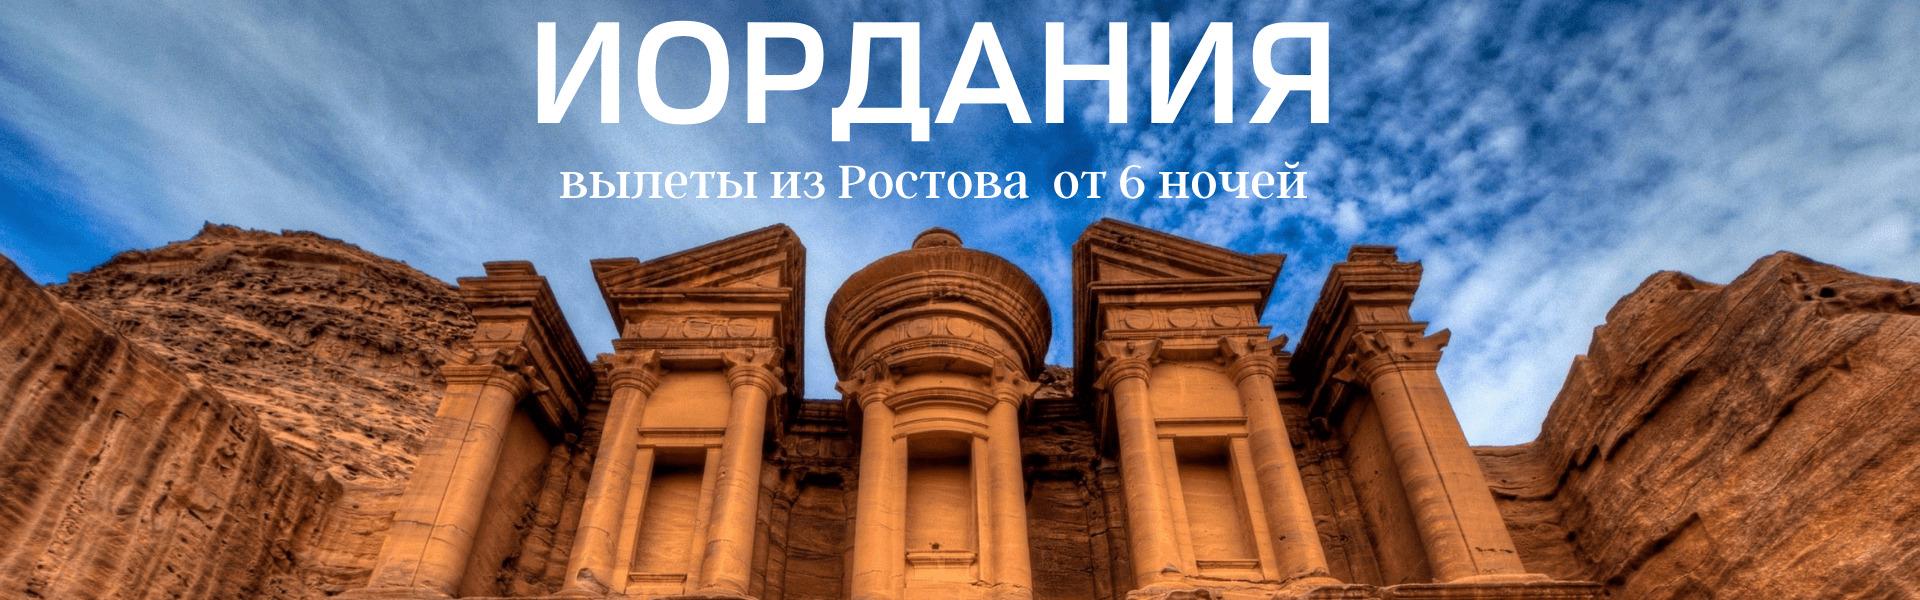 Туры в Иорданию из Ростова-на-Дону